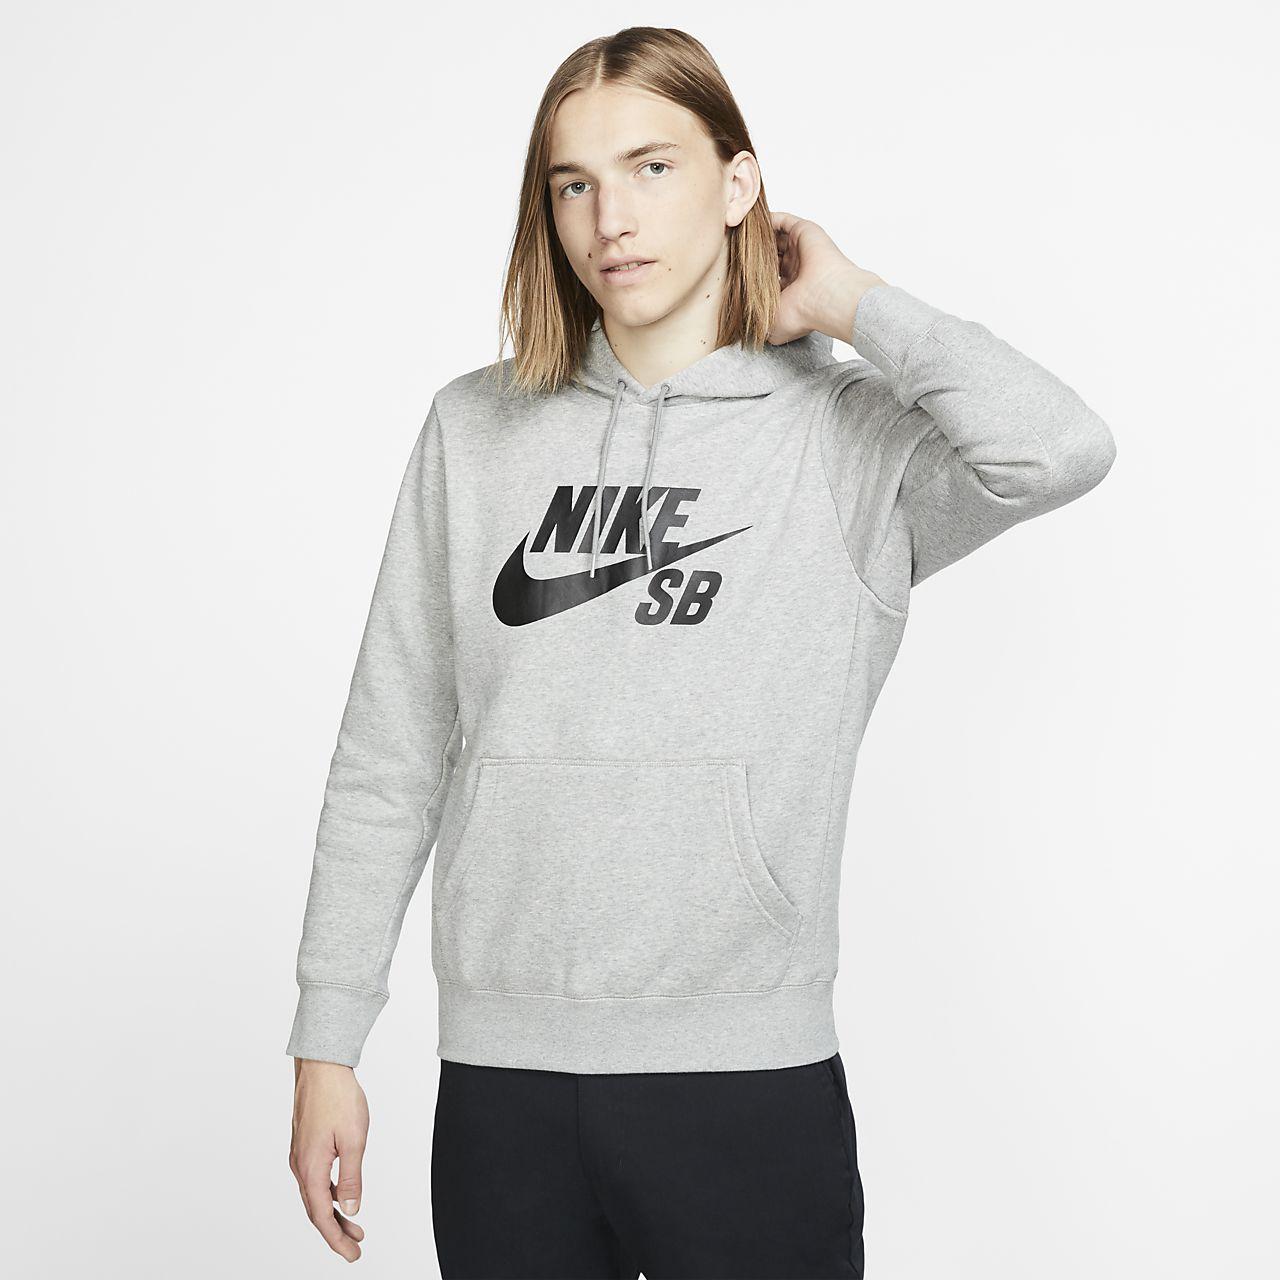 Capuche Icon Skateboard À Sb Sweat Nike Pour De Homme TqFwSY5